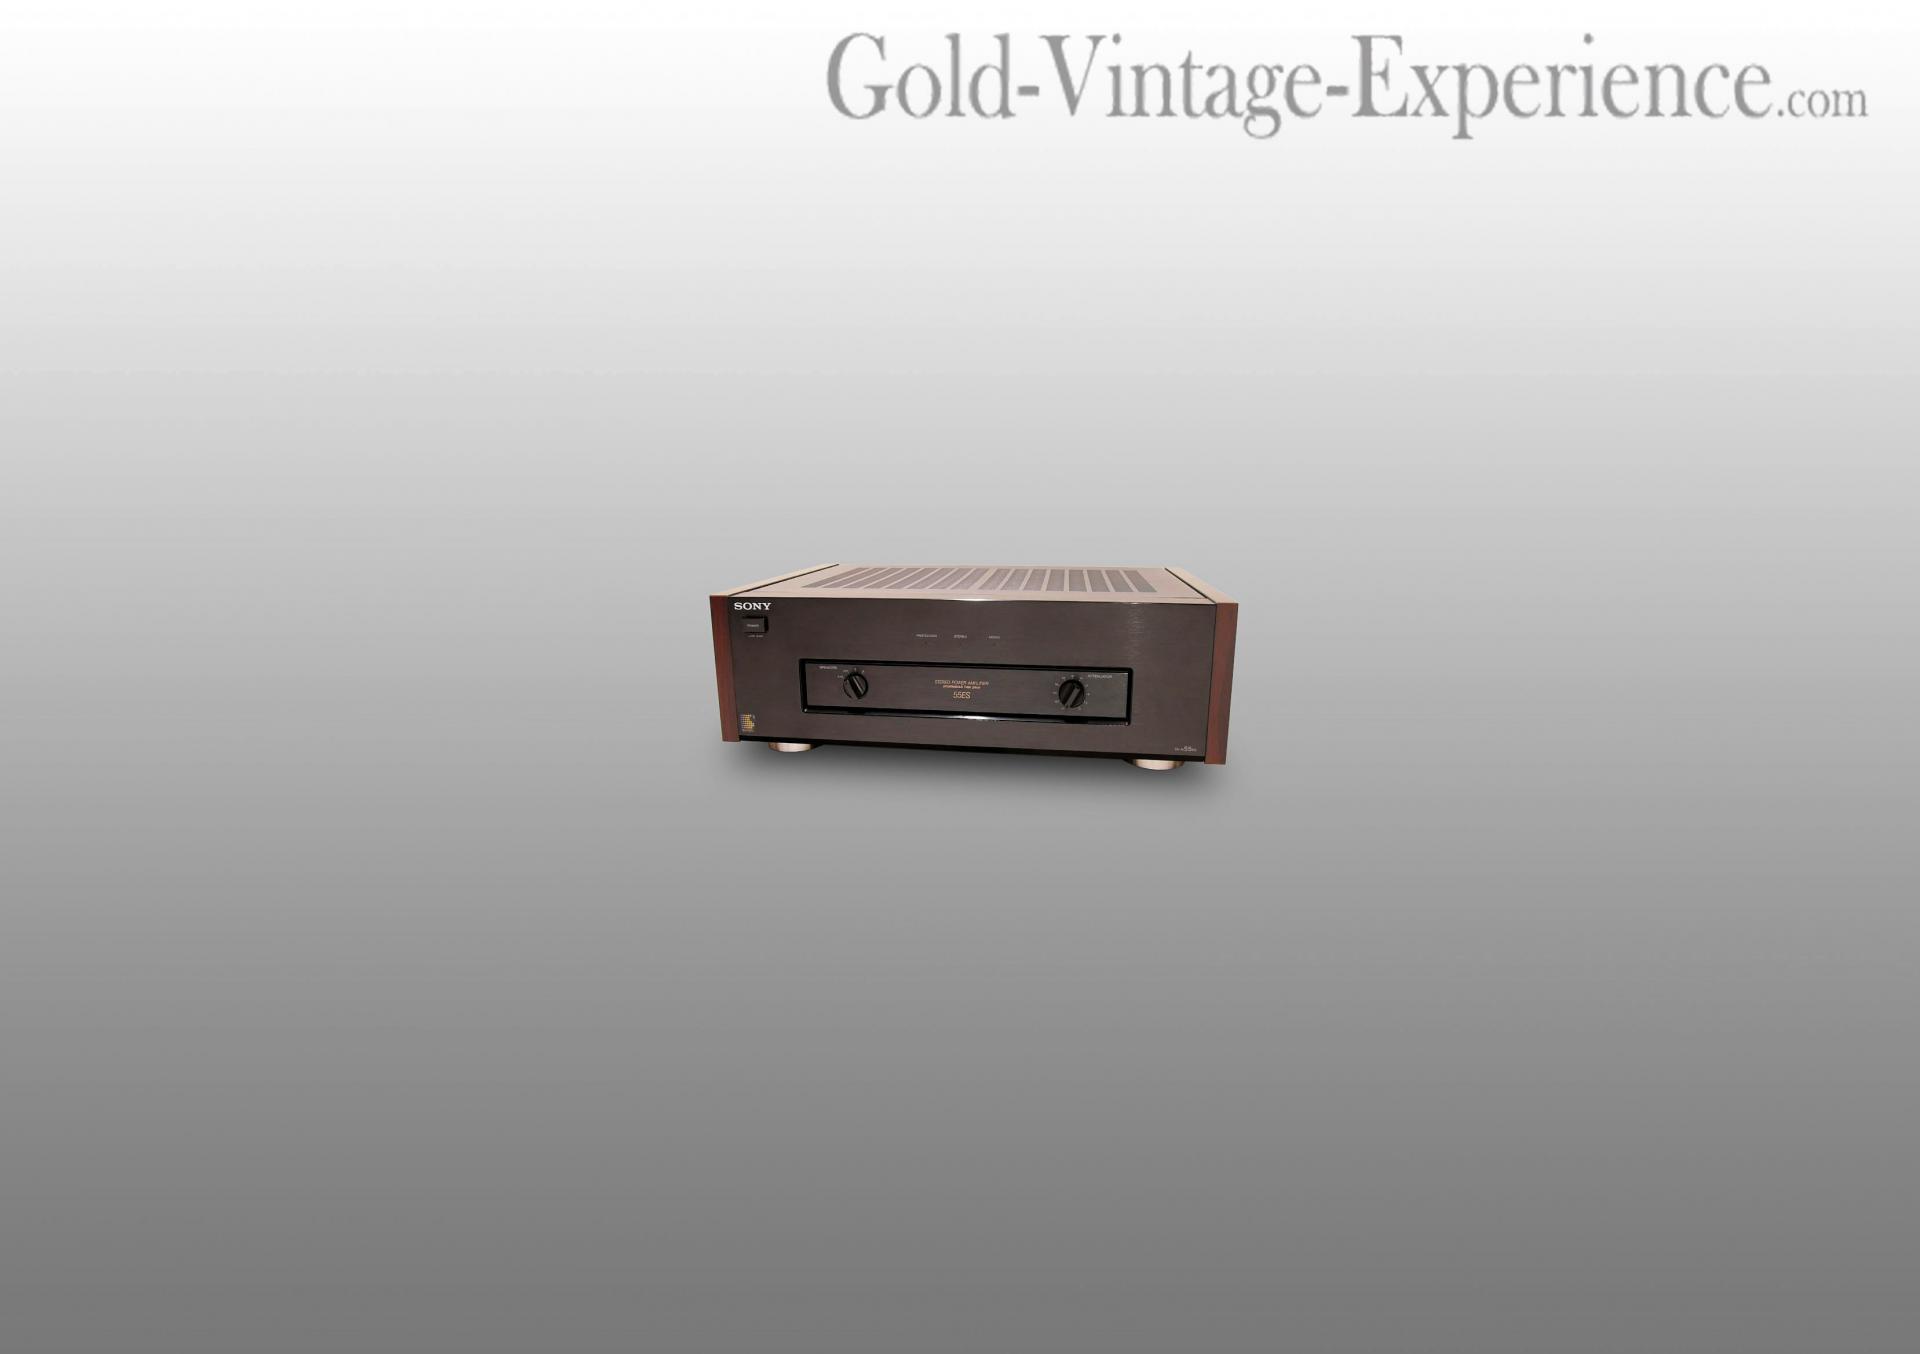 Sony ta n55es 01